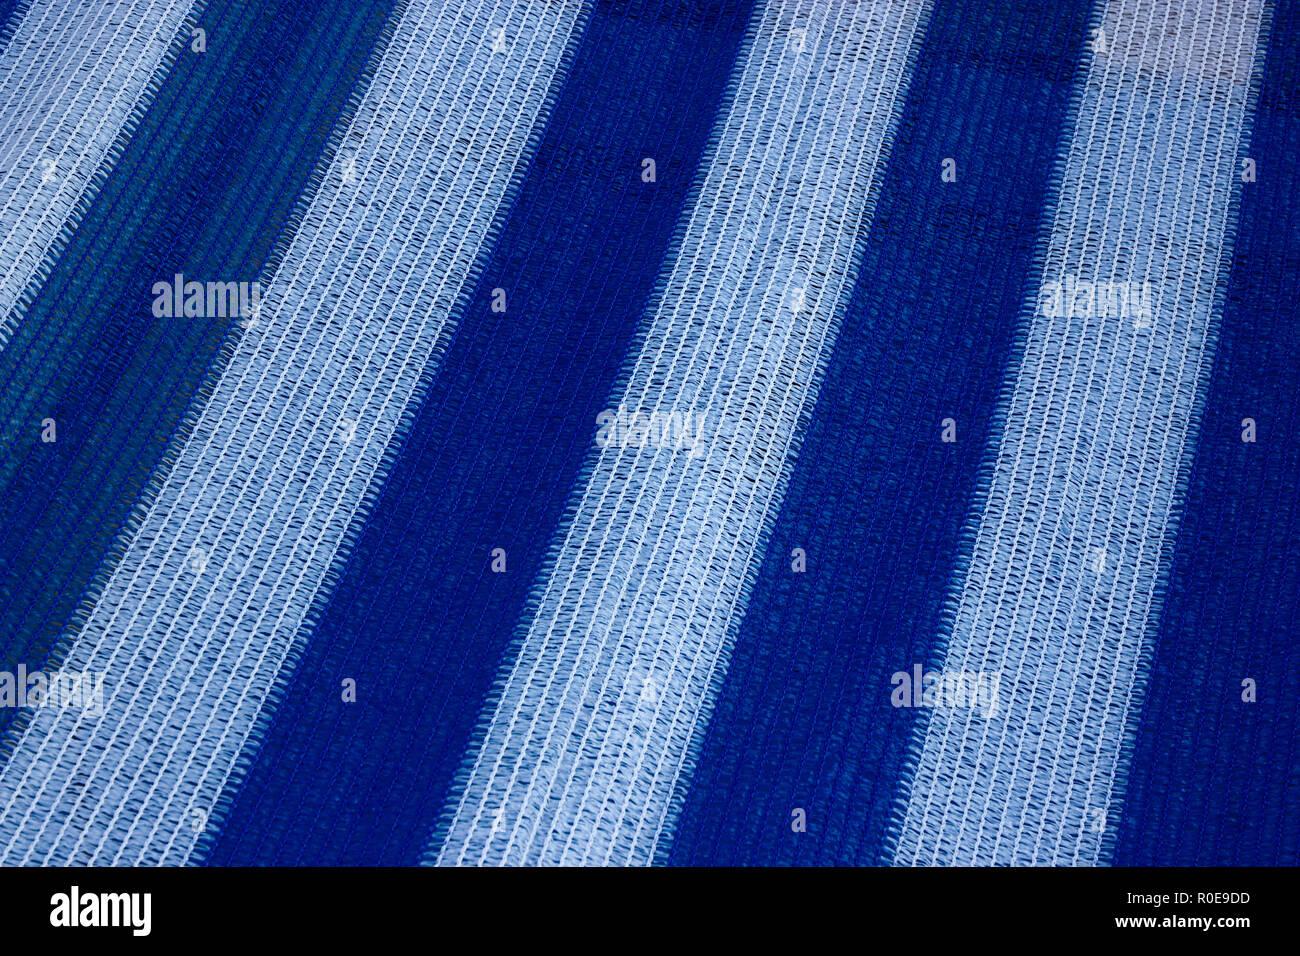 Un hermoso blanco y azul stripey textura de una cubierta de barco a la orilla del mar Imagen De Stock